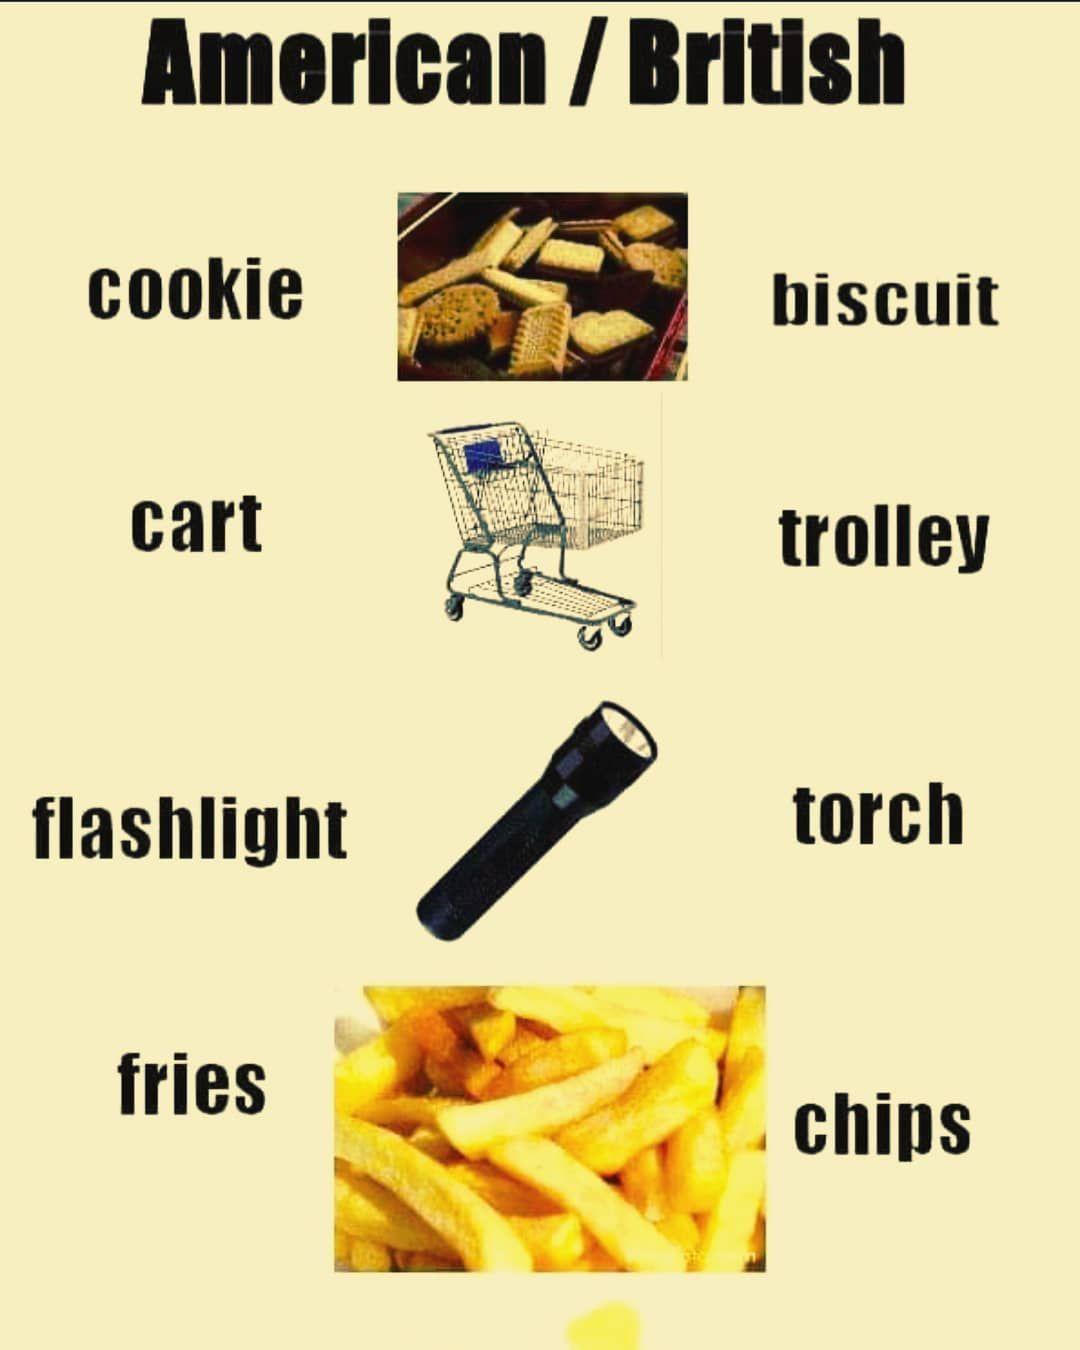 مرحبا بك لتعلم اللغة الانجليزية كلمات مترجمة صور انجليزي لغة عربية لغة انجليزية محتوى متنوع اقتباسات إنجليزية أخبار British Cookies Learn English Learning